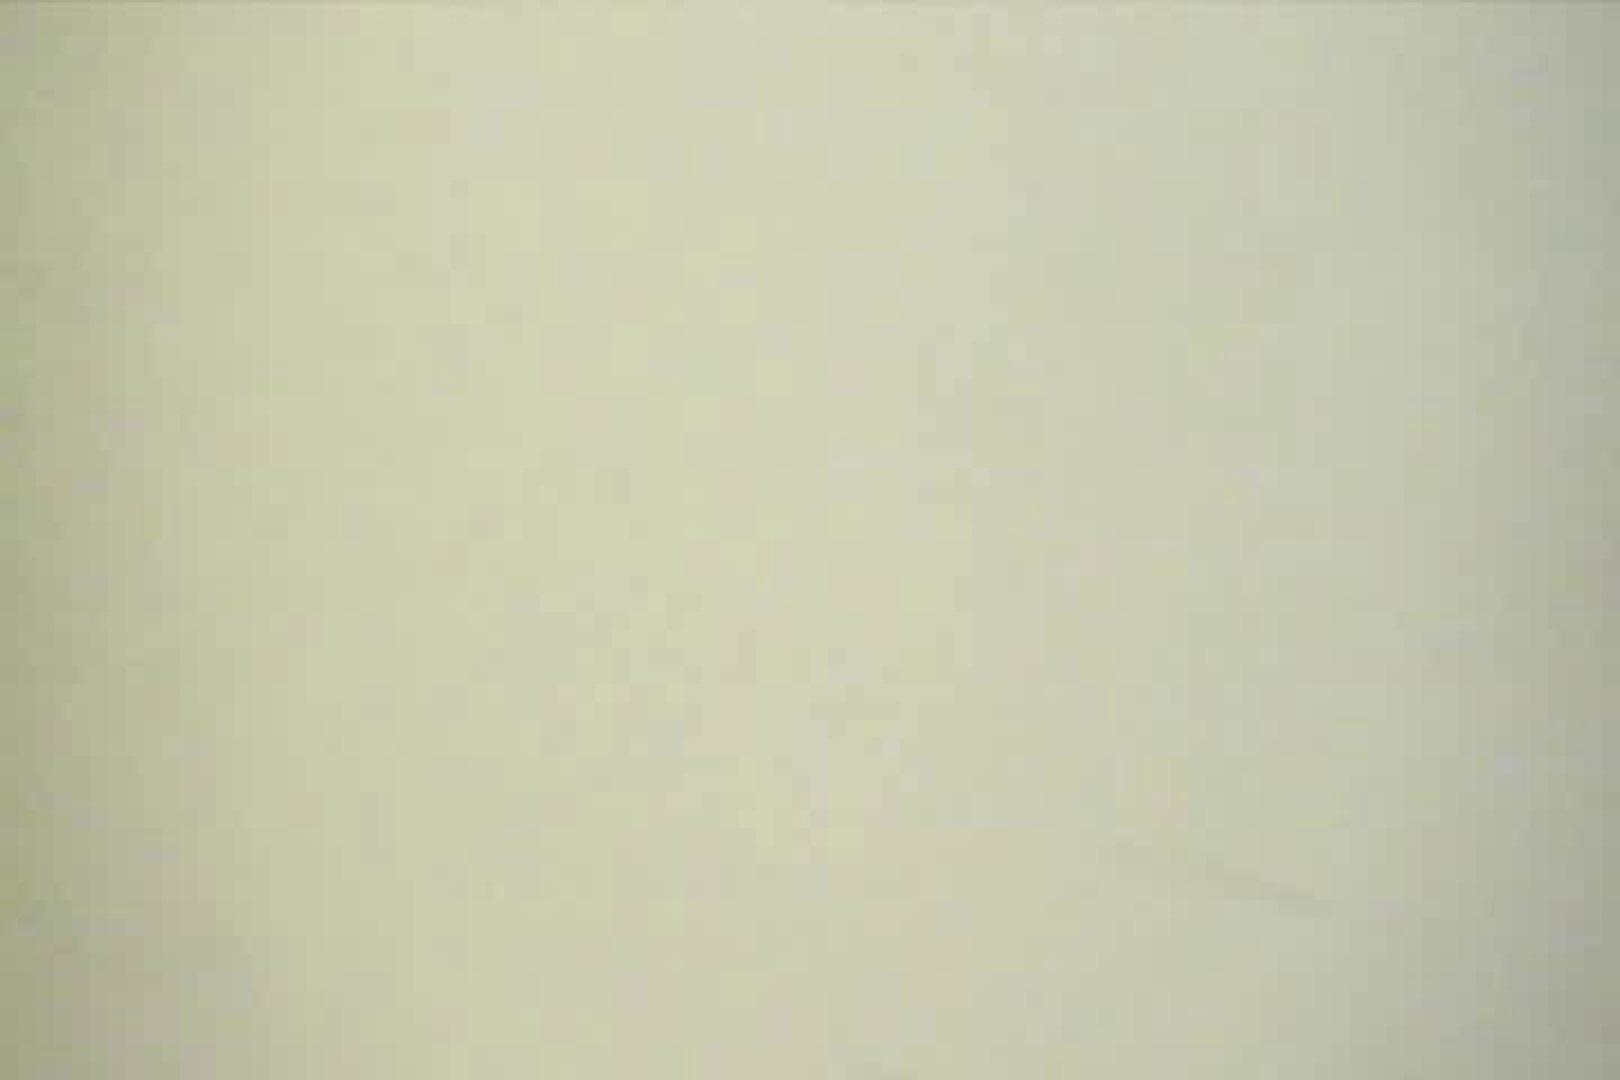 マンコ丸見え女子洗面所Vol.24 丸見え のぞきおめこ無修正画像 26pic 19